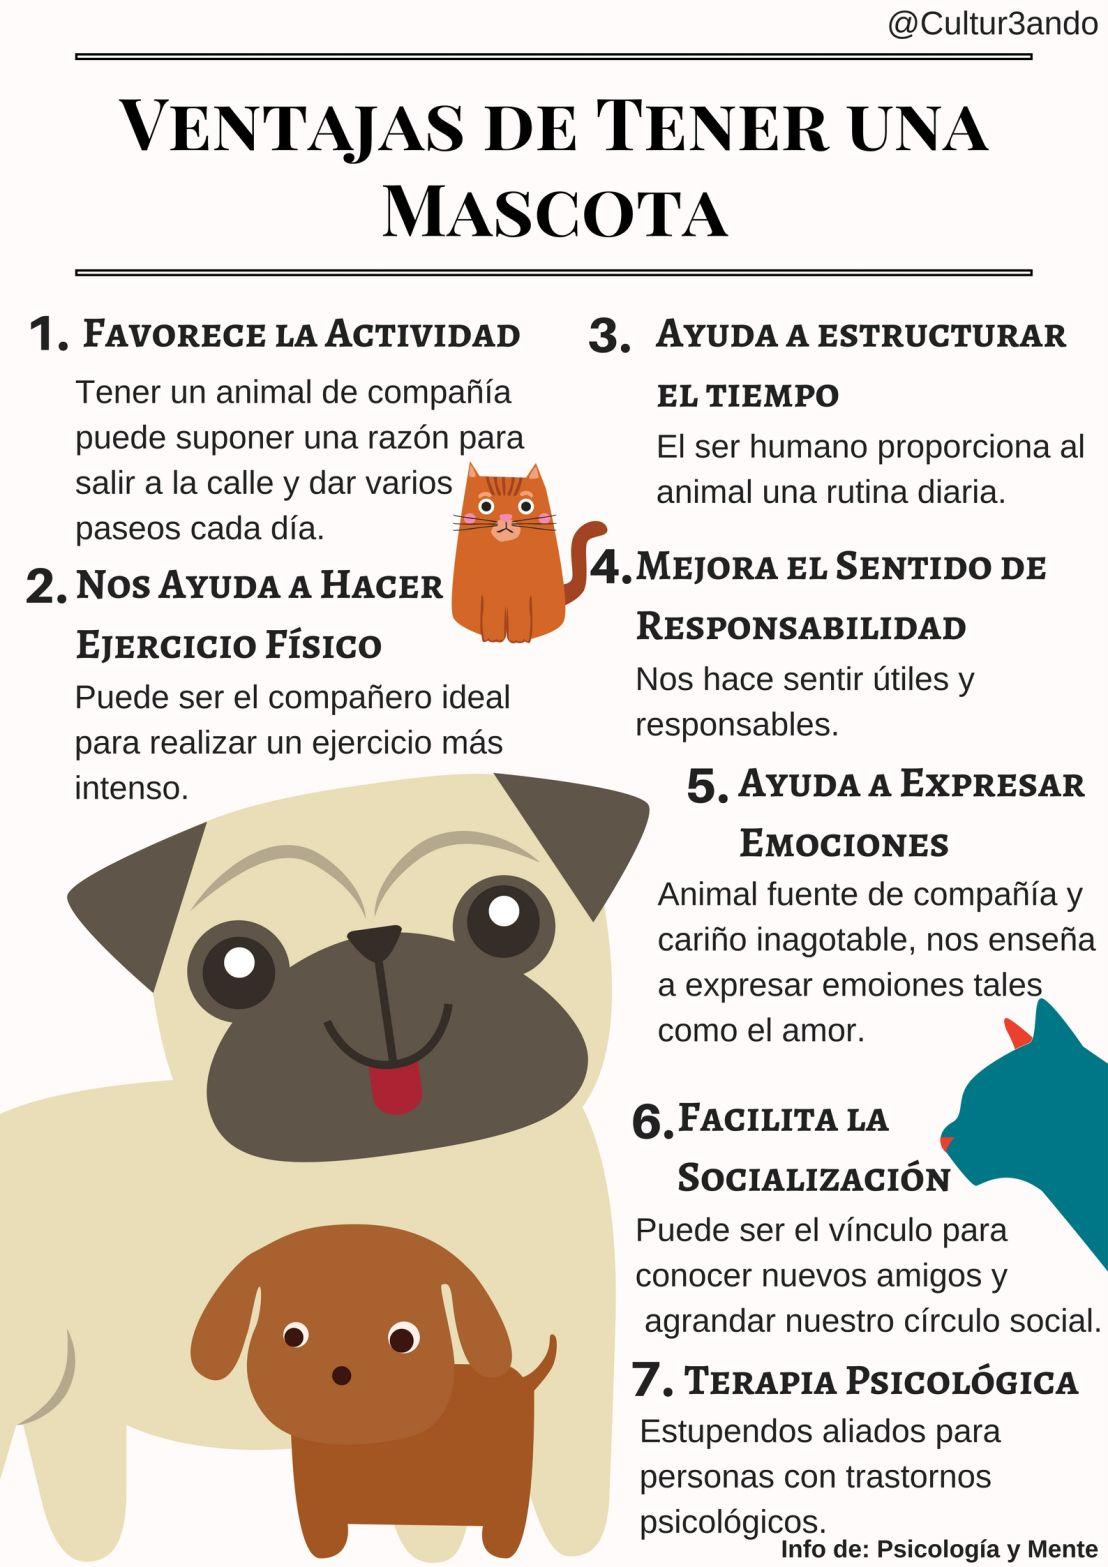 Ventajas de Tener una Mascotas (+Infografía)